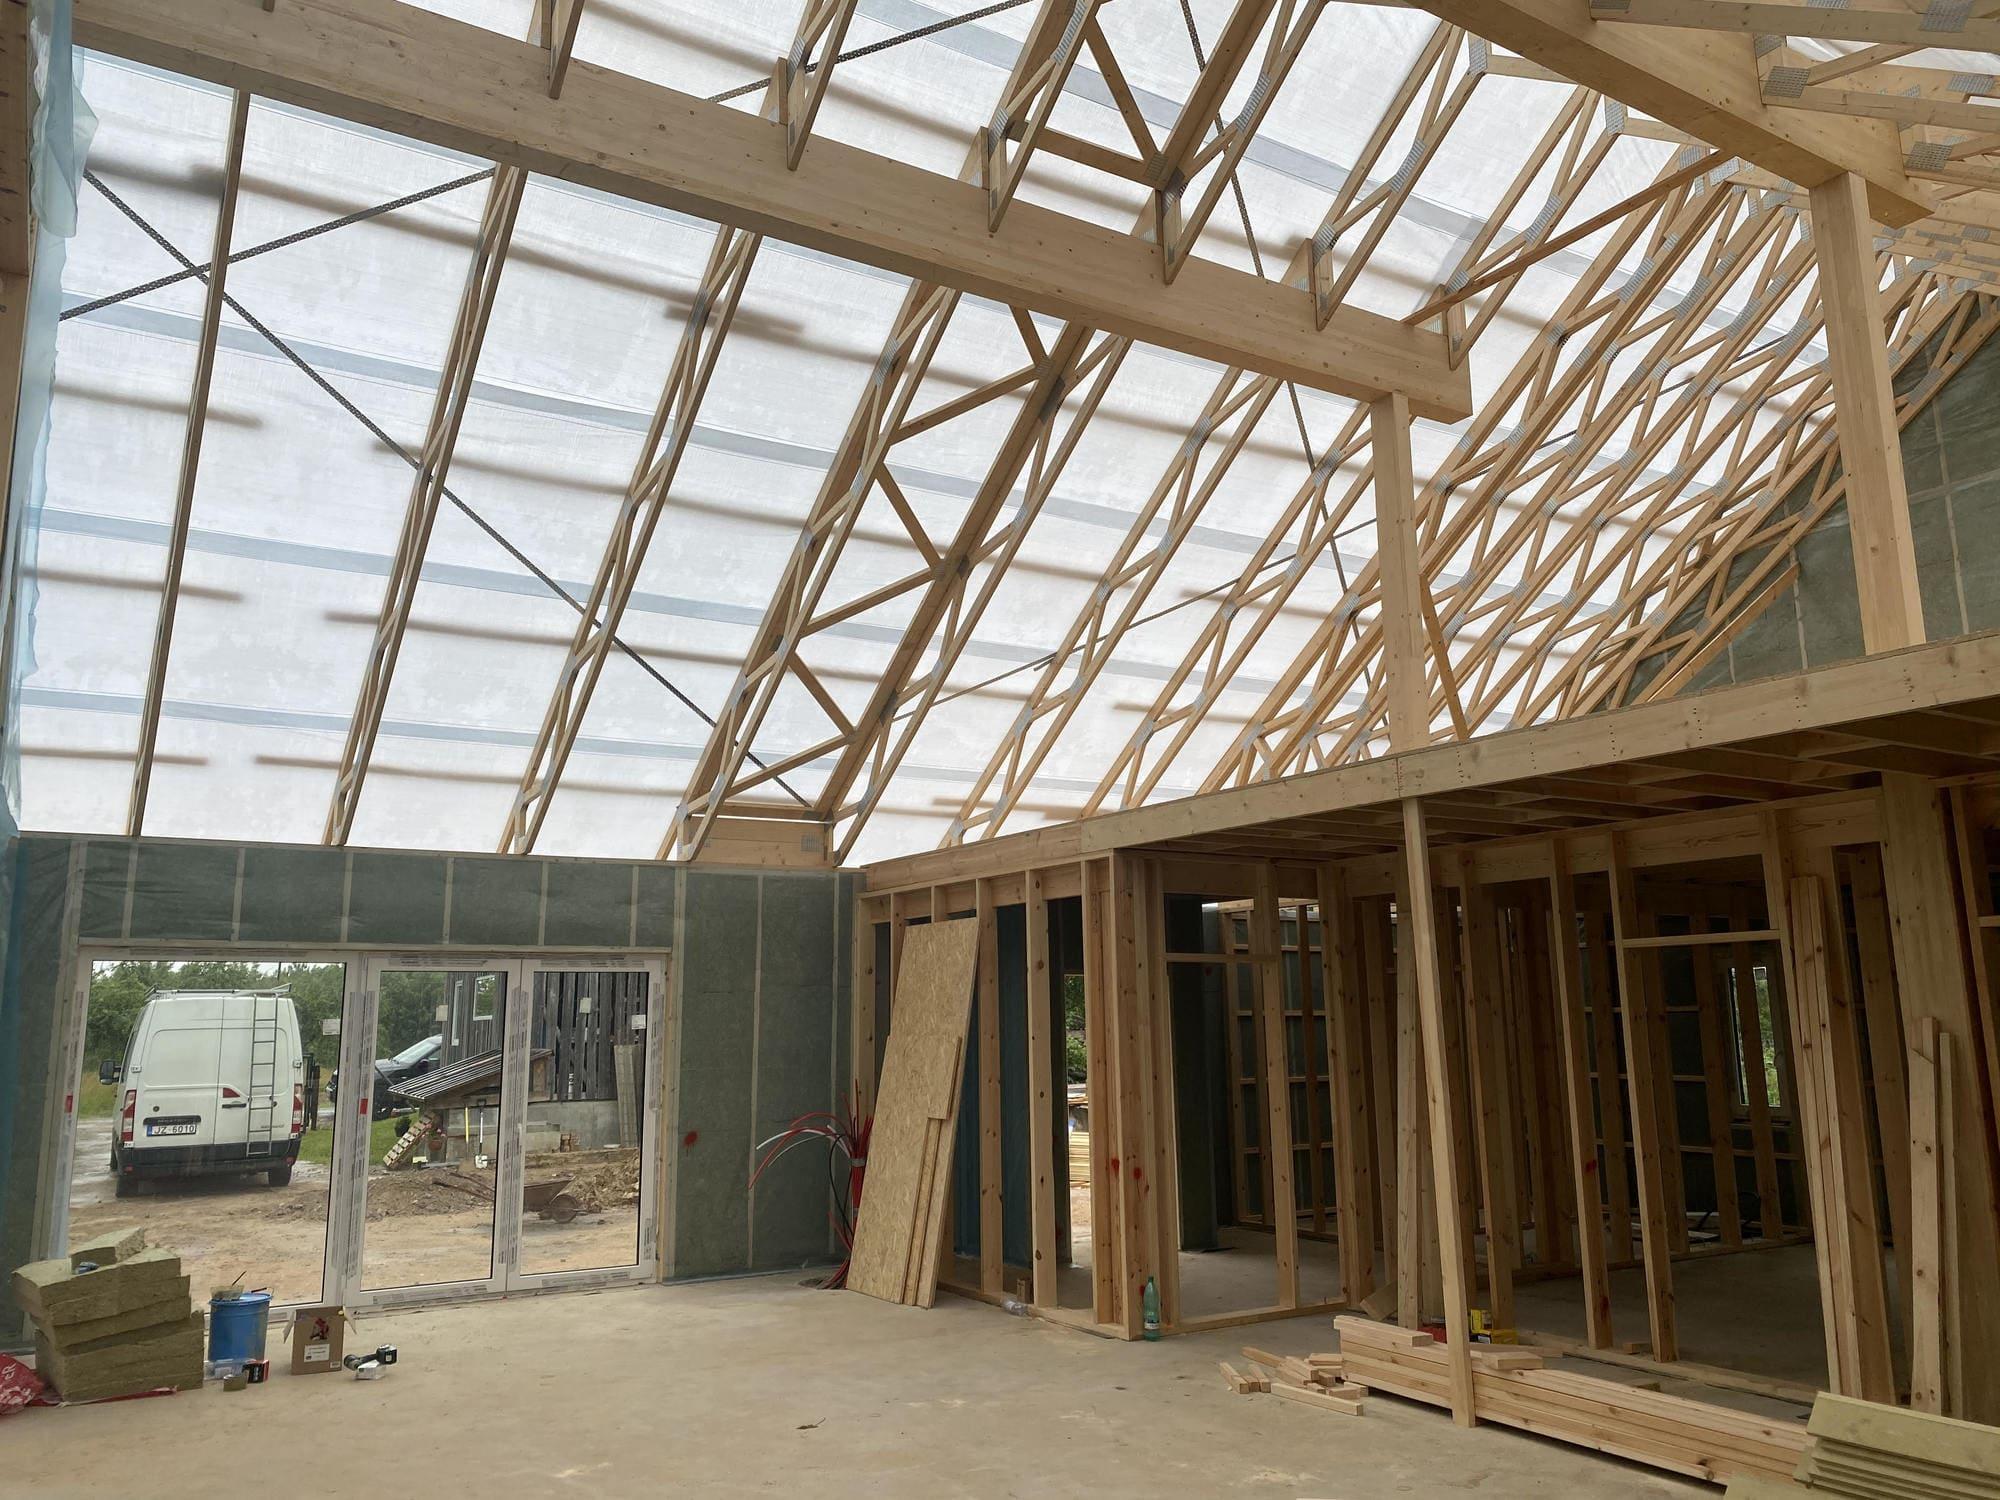 Mediniai karkasiniai namai turi skirtingas stogo konfigūracijas